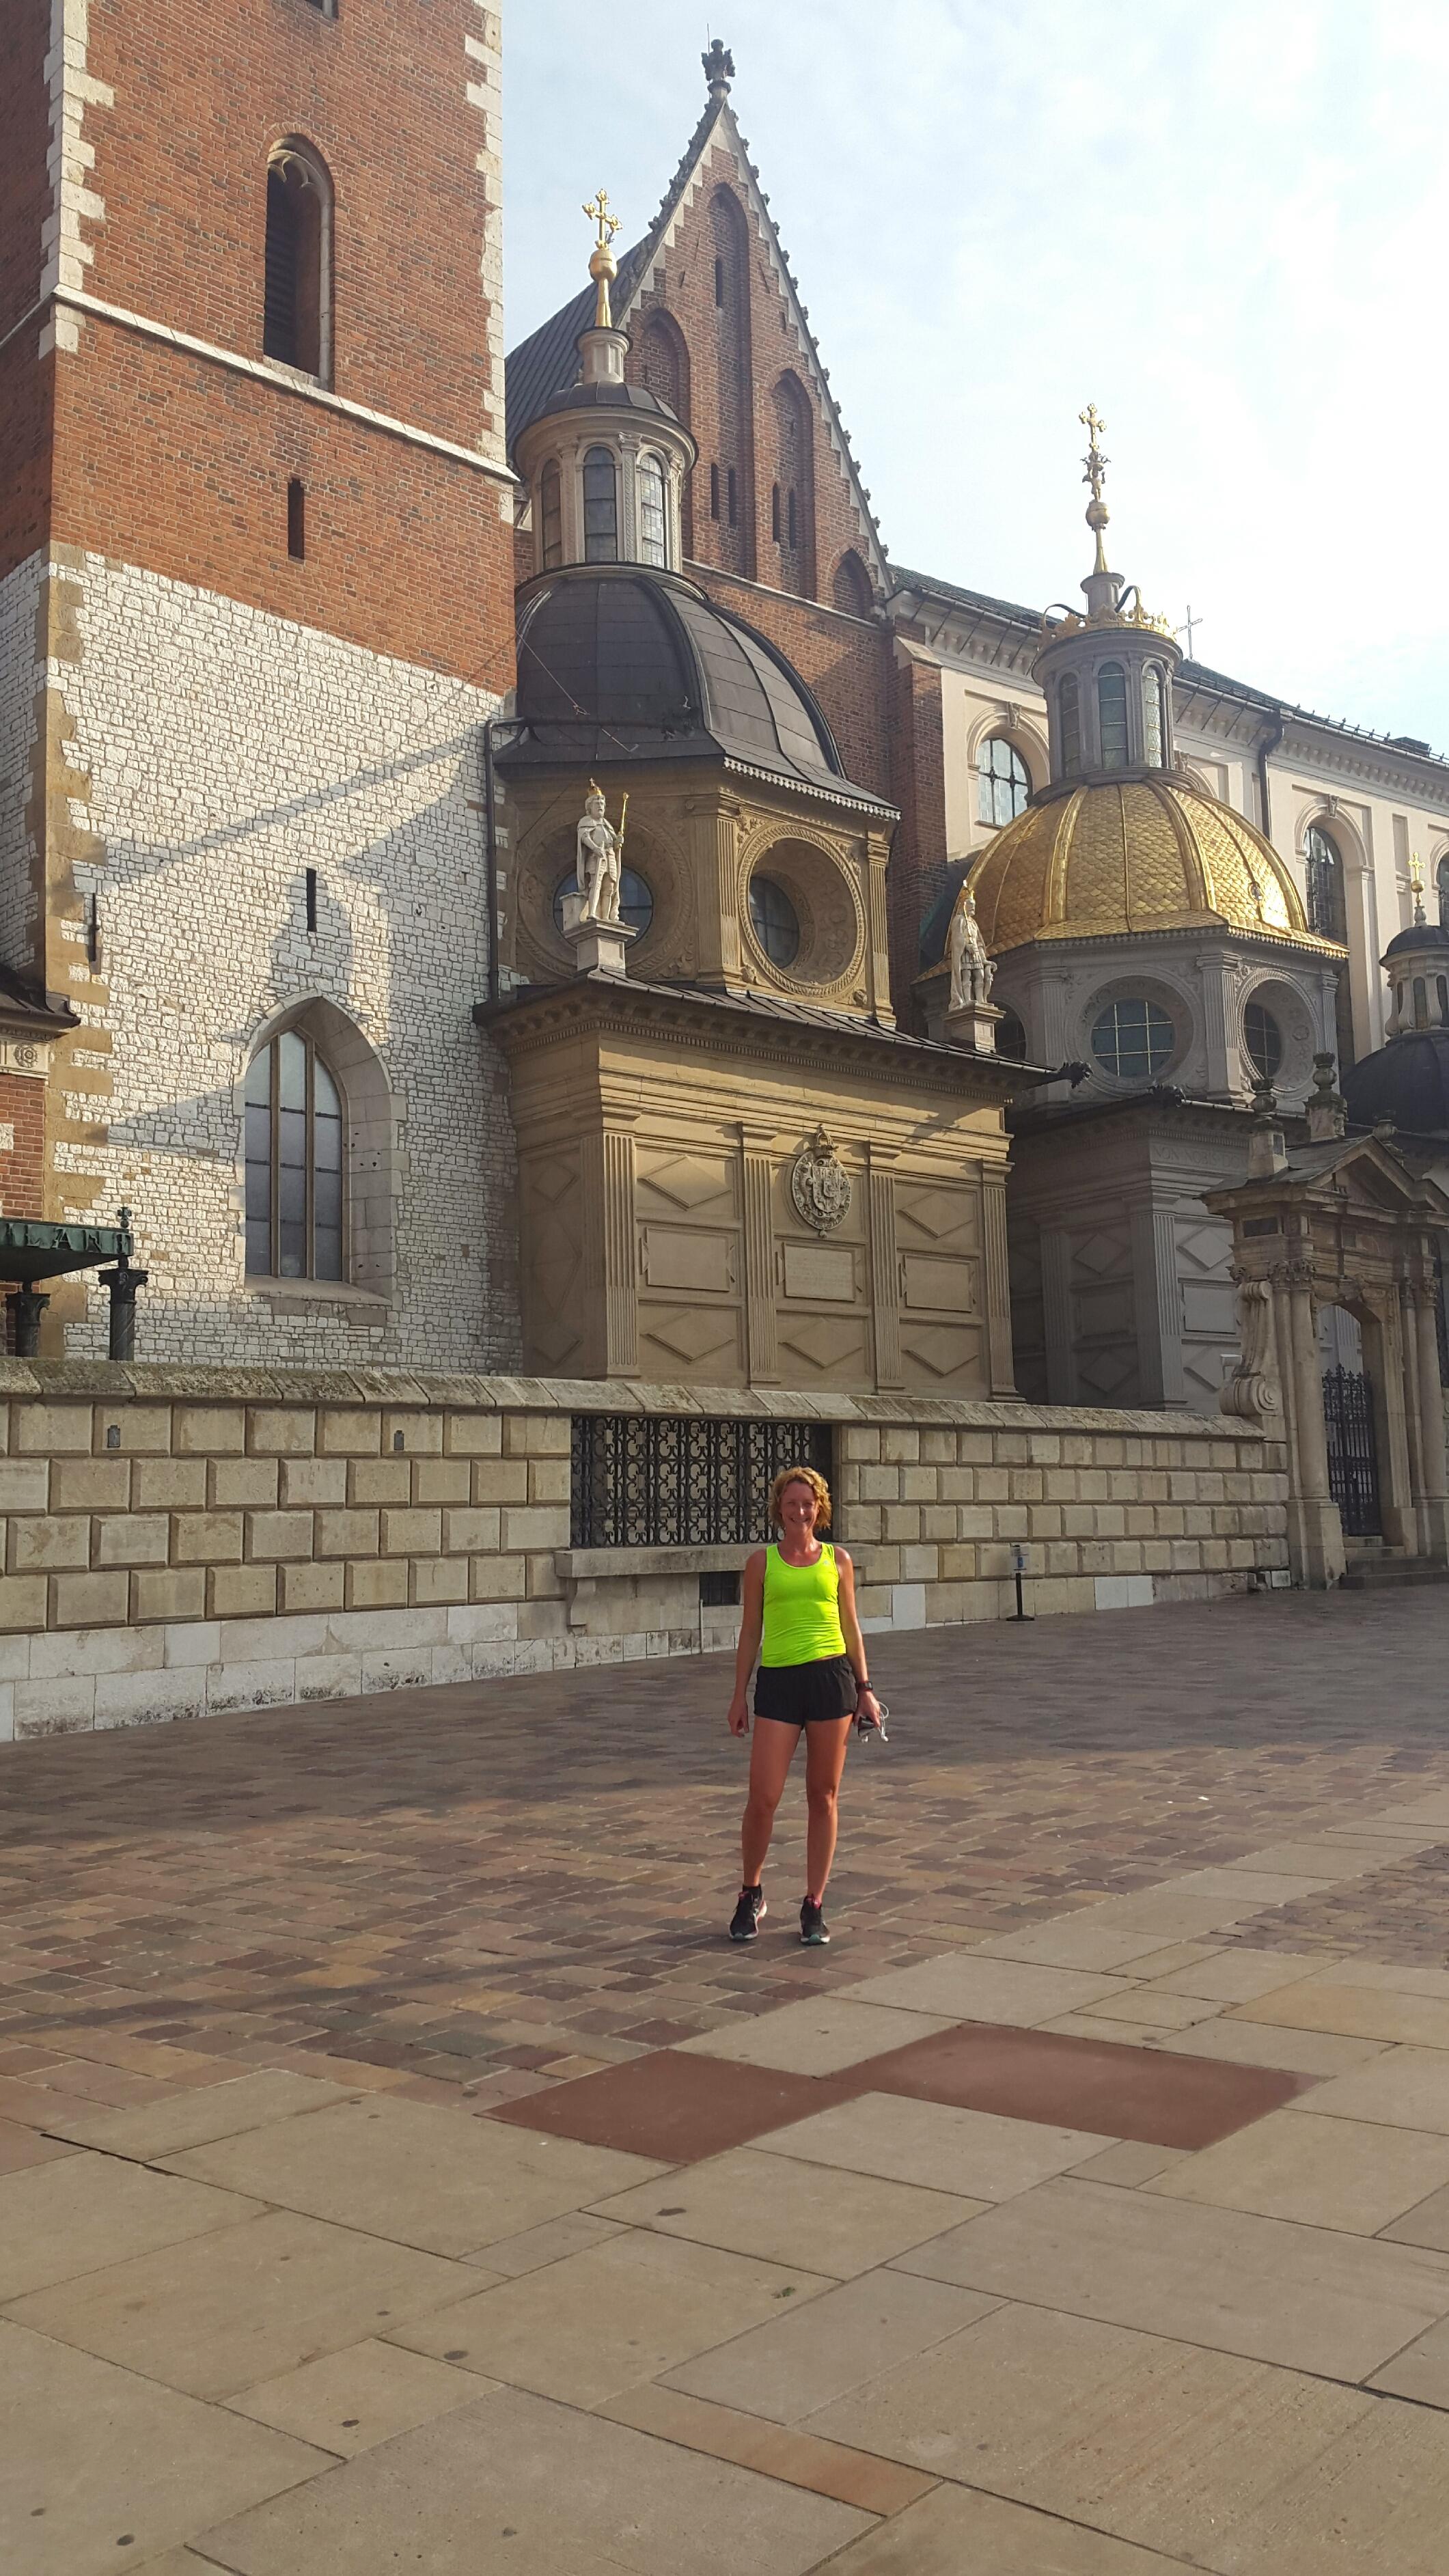 Hardlopen in Krakau, de kathedraal met de gouden koepel